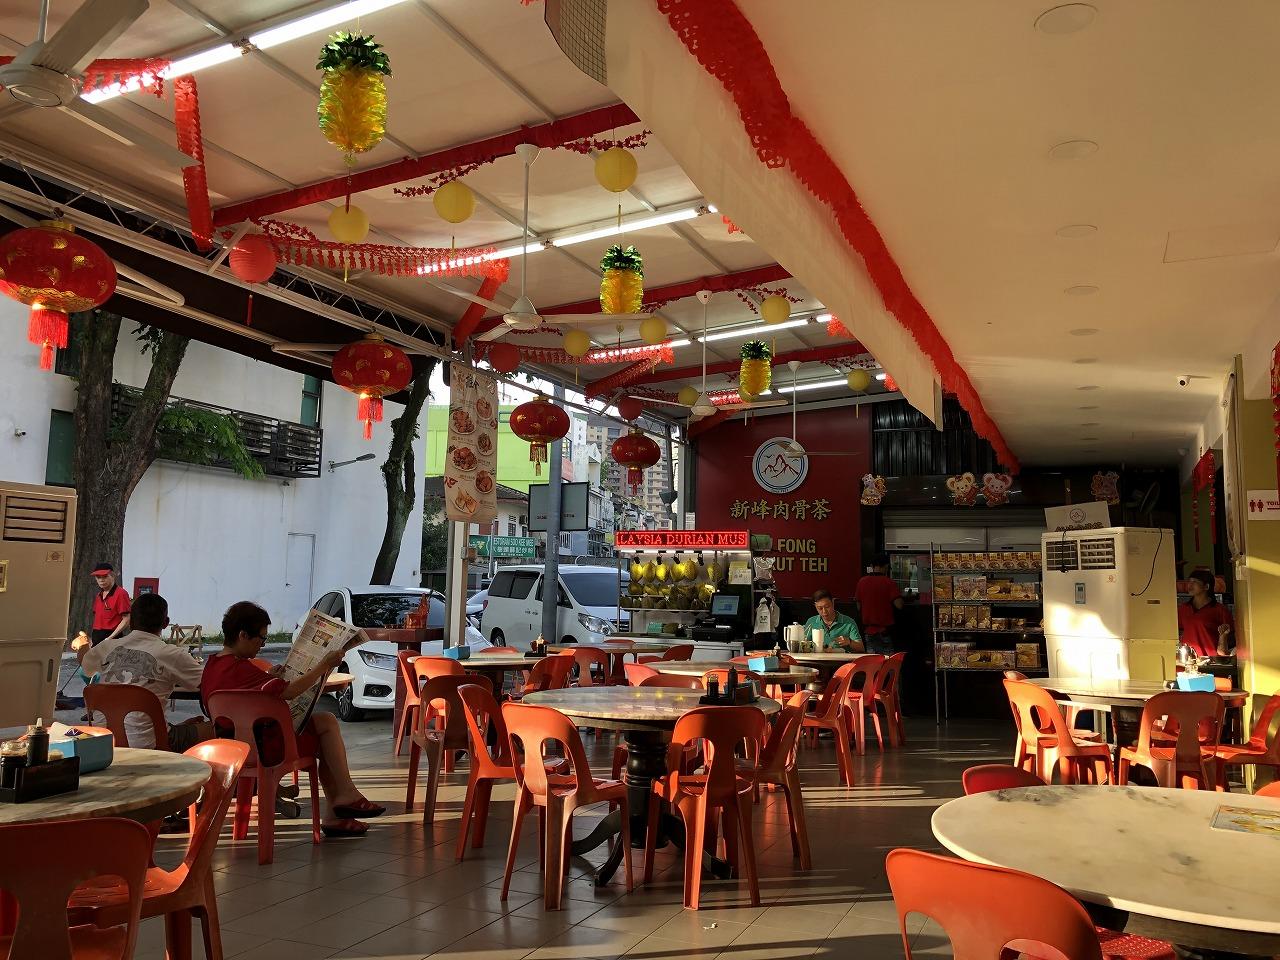 Sun Fong Bak Kut Teh店内